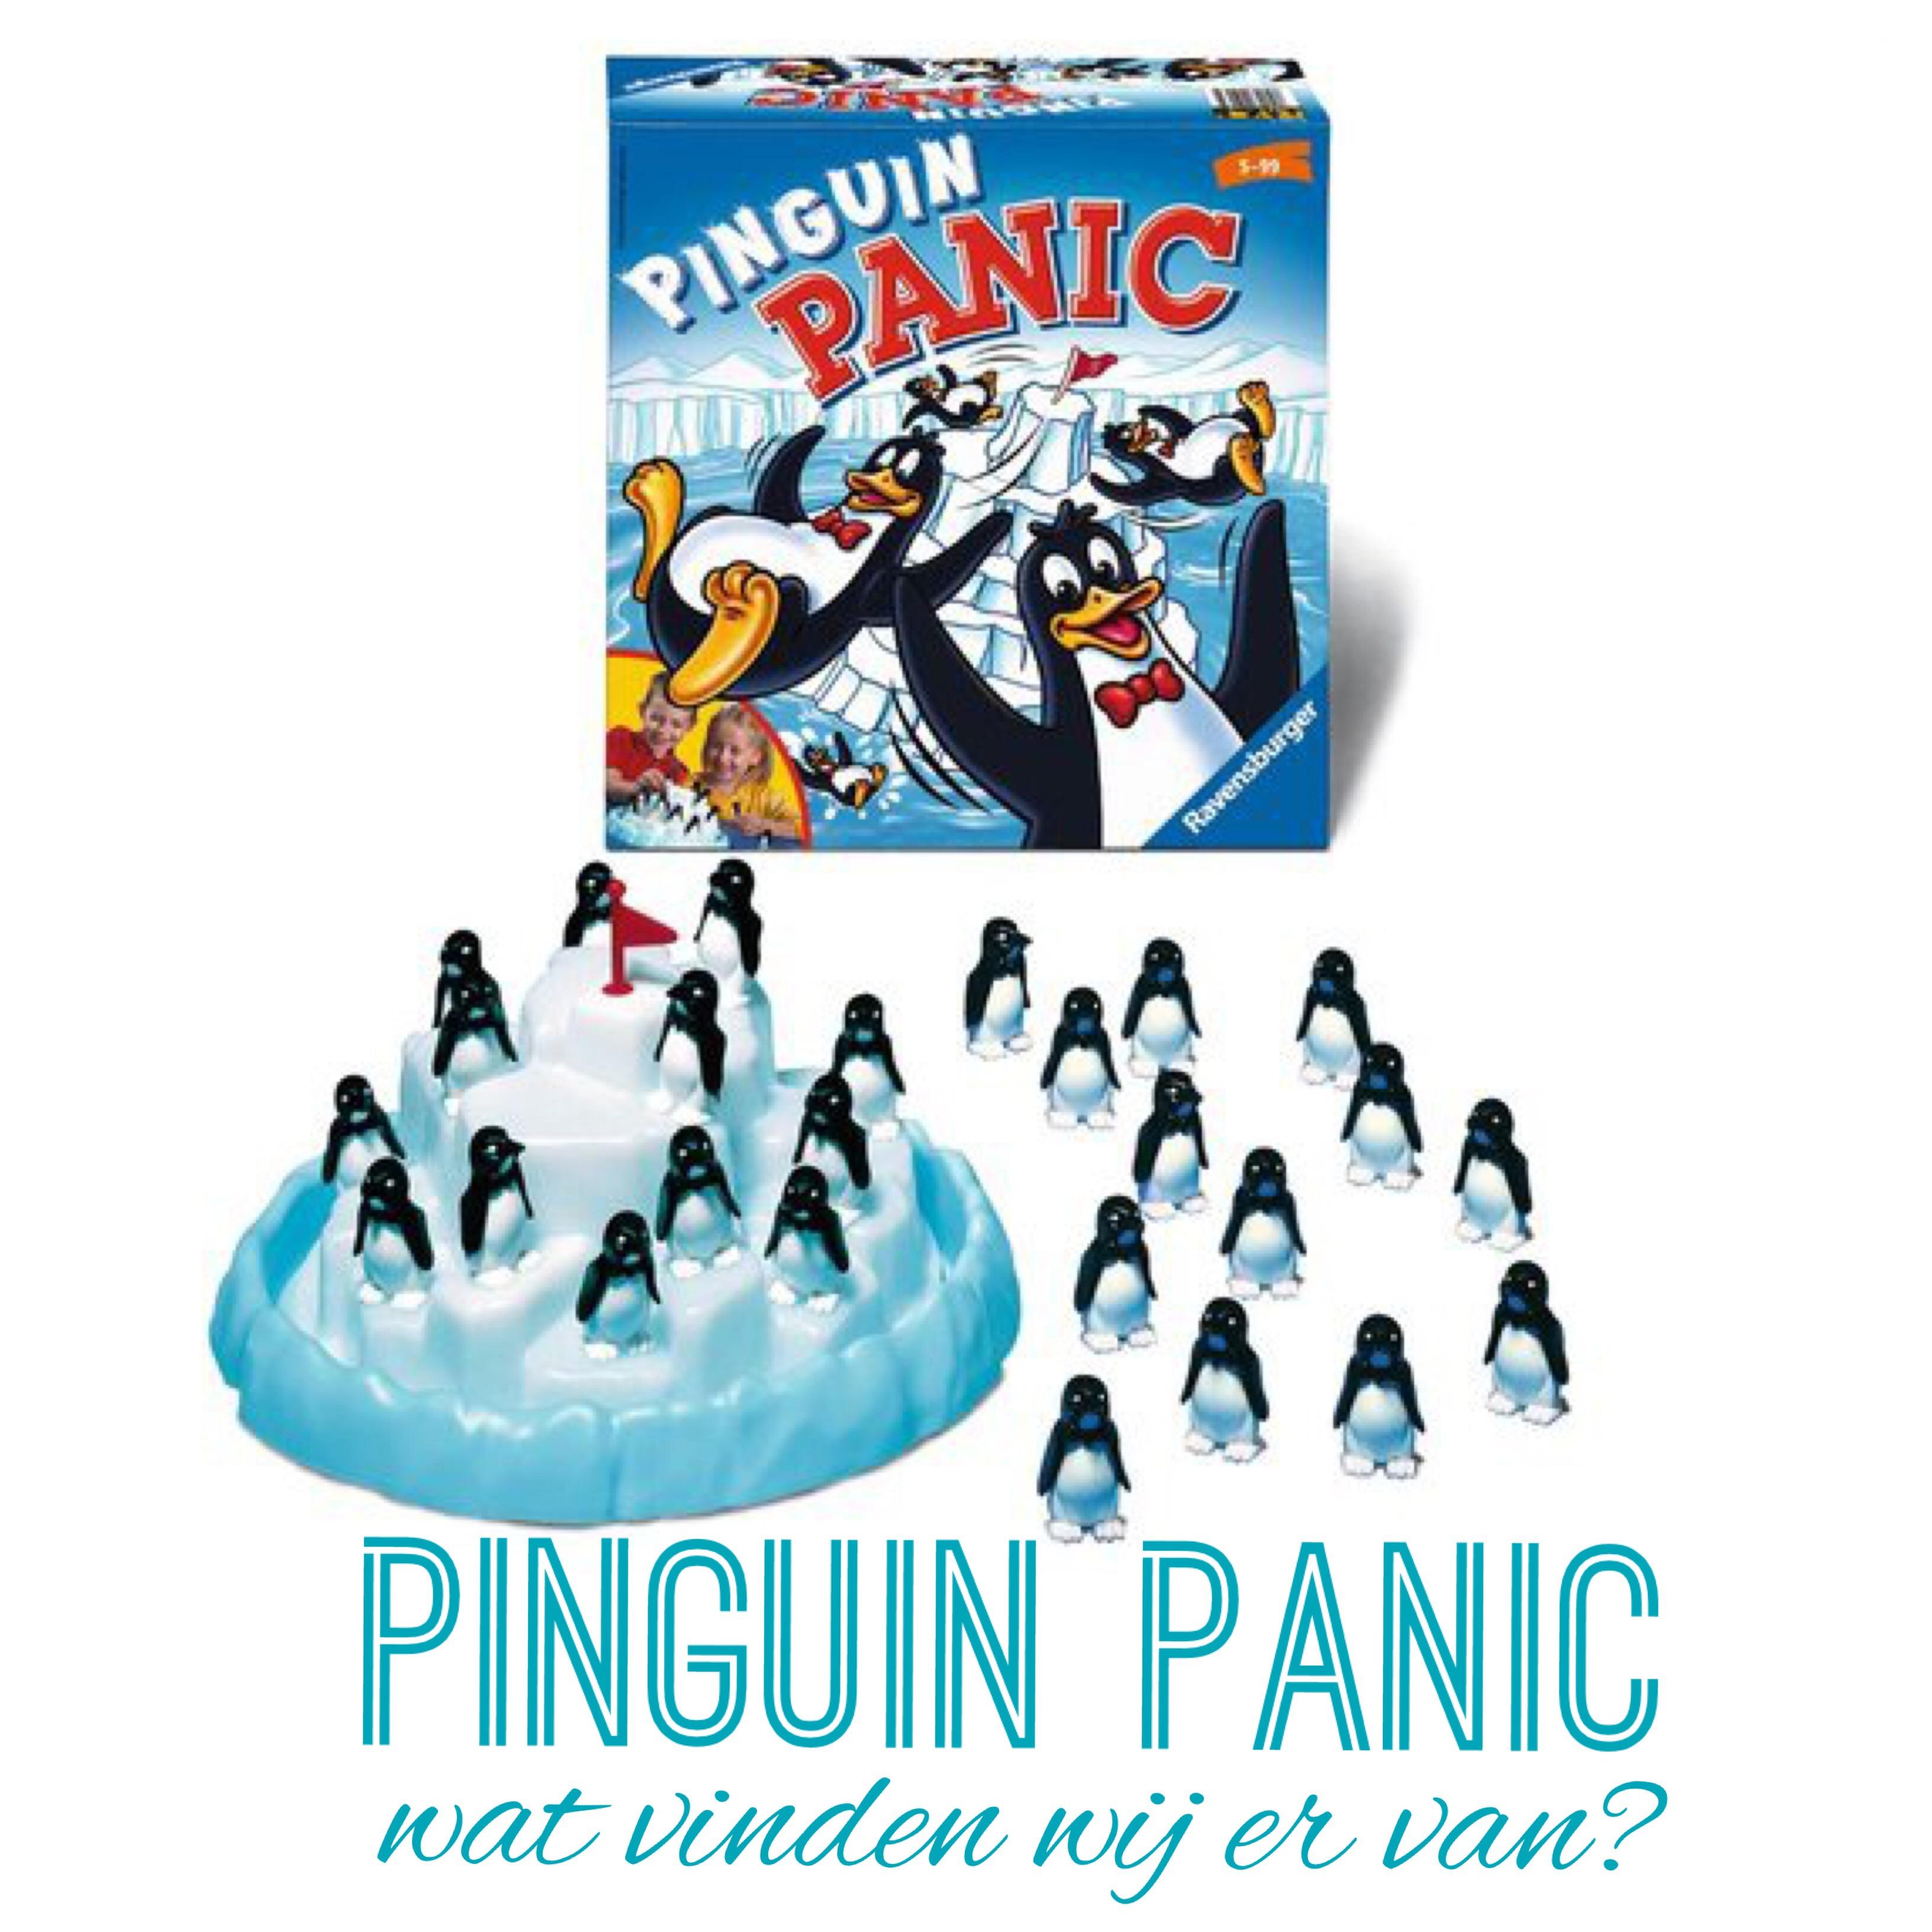 Pinguïn Panic, vinden we het leuk of niet?